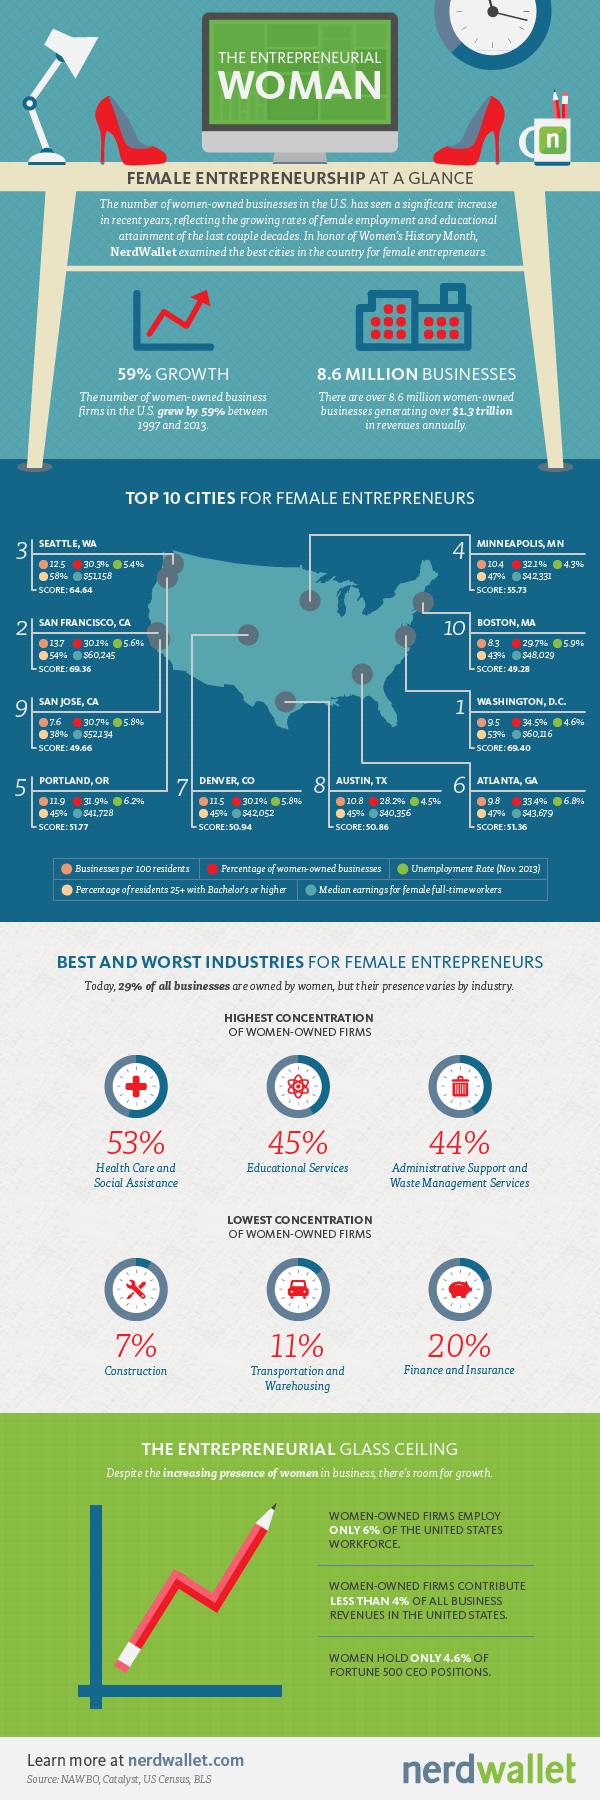 MKG-Female_Entrepreneurs_Infographic-r1e-1